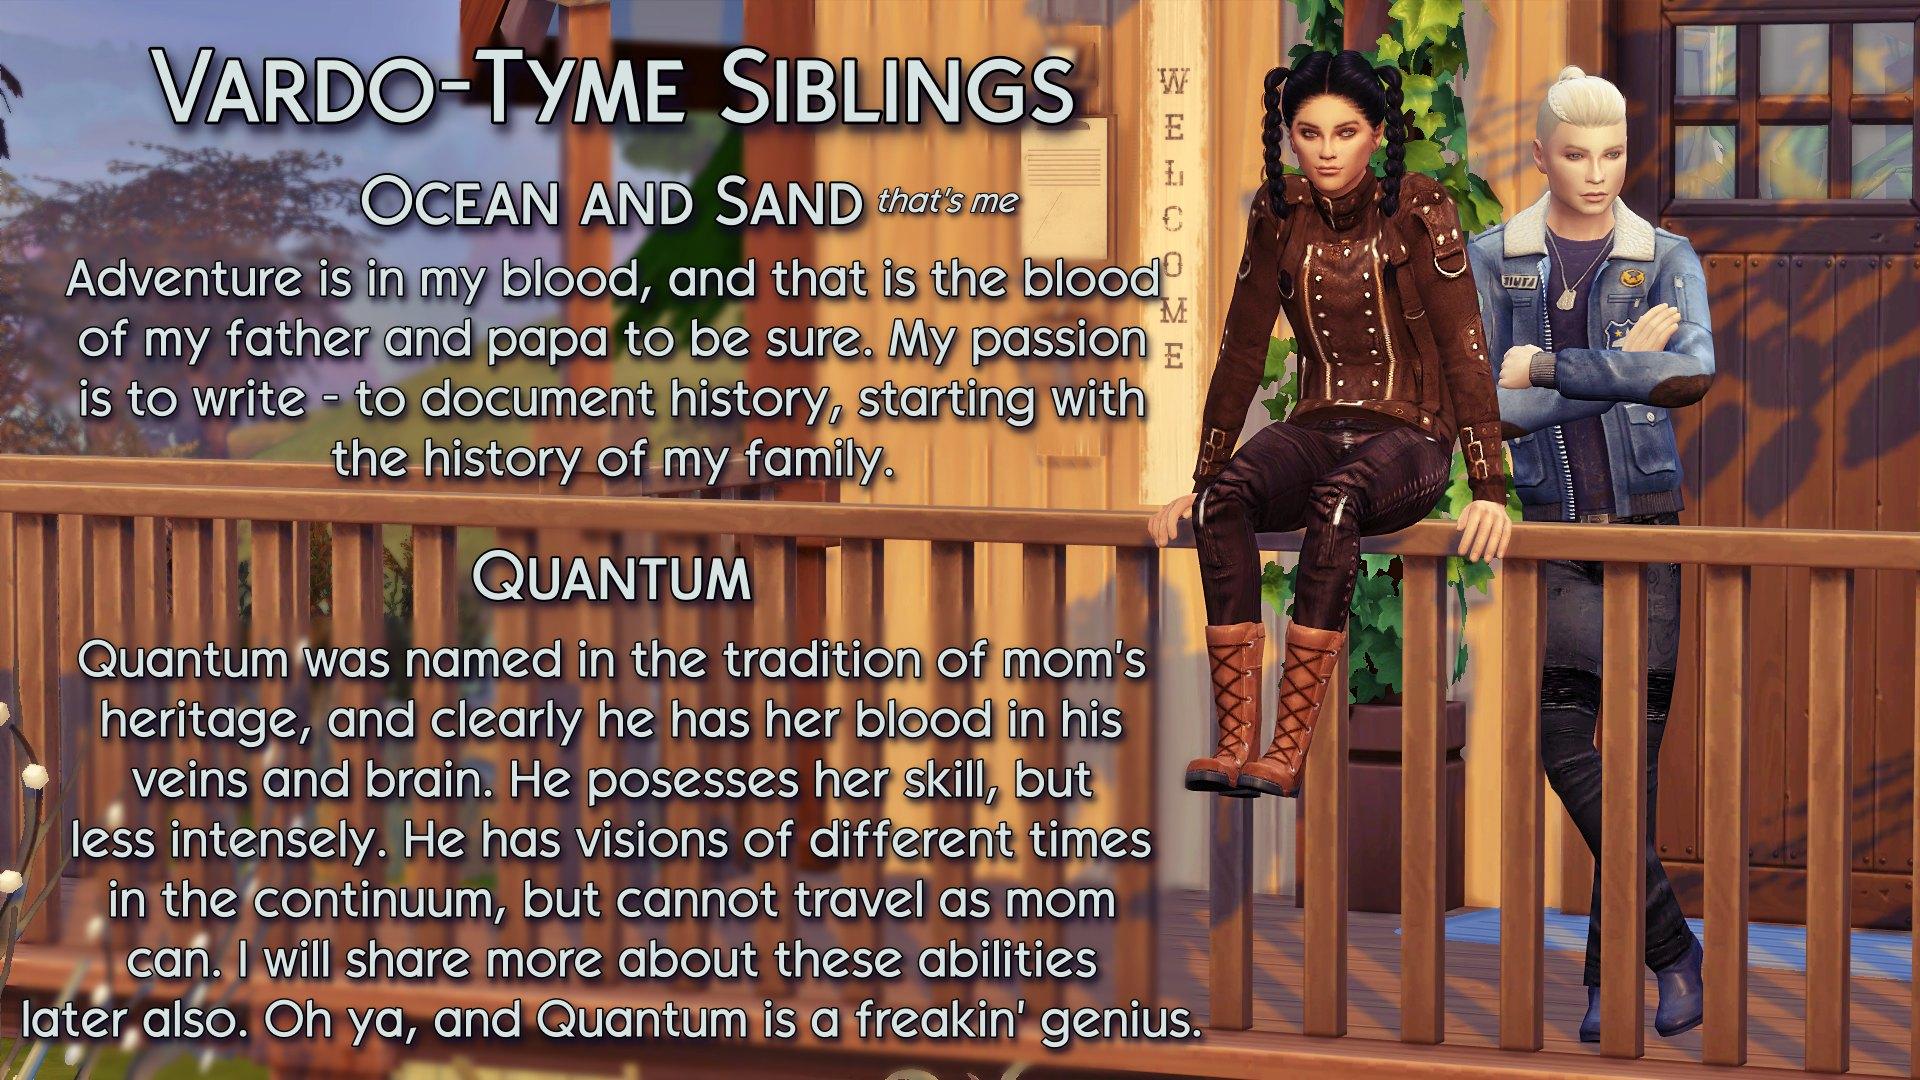 6 Ocean and Quantum siblings